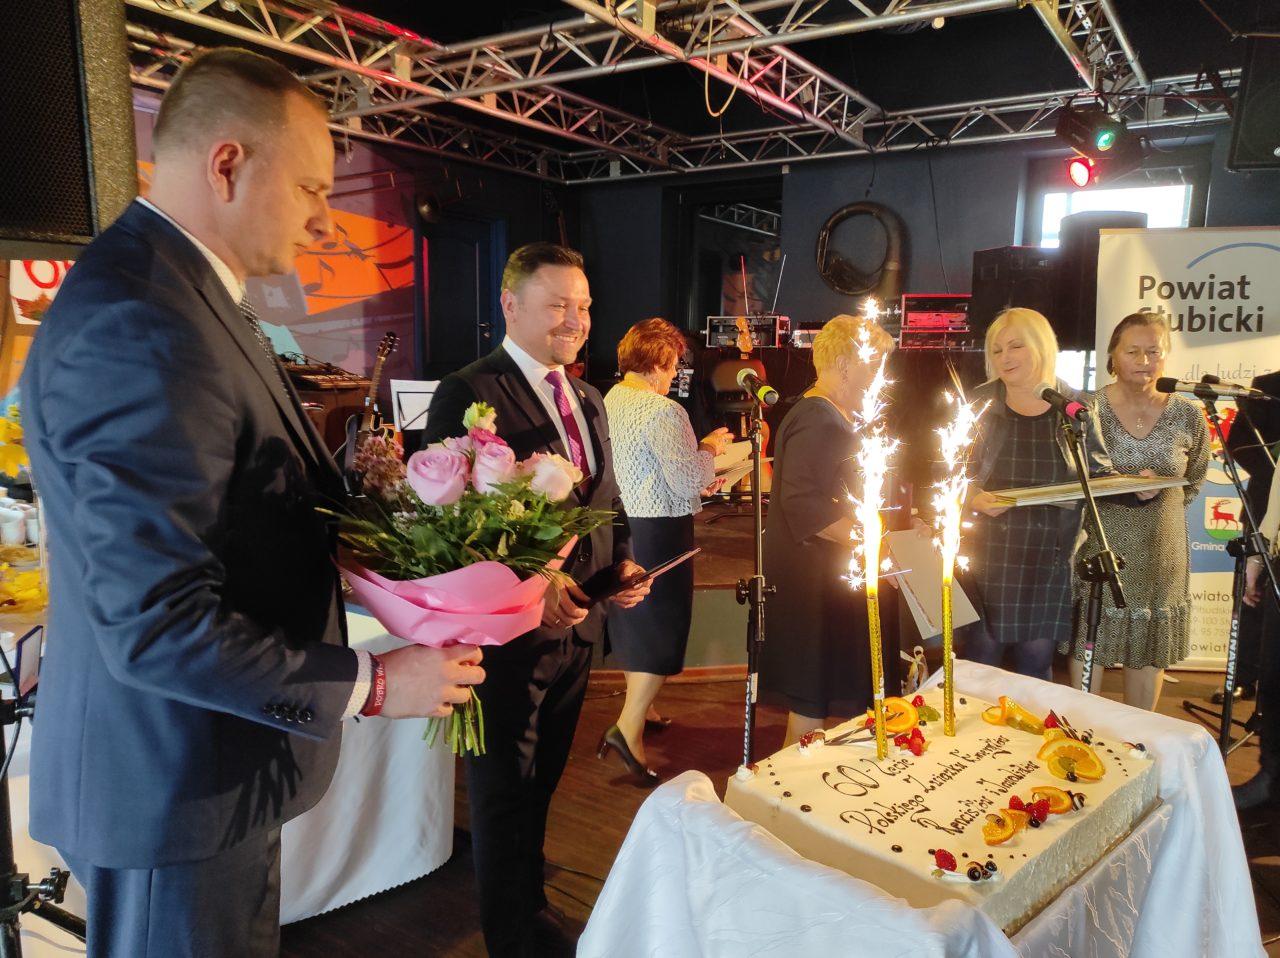 Seniorzy ze Słubic świętowali piękny jubileusz